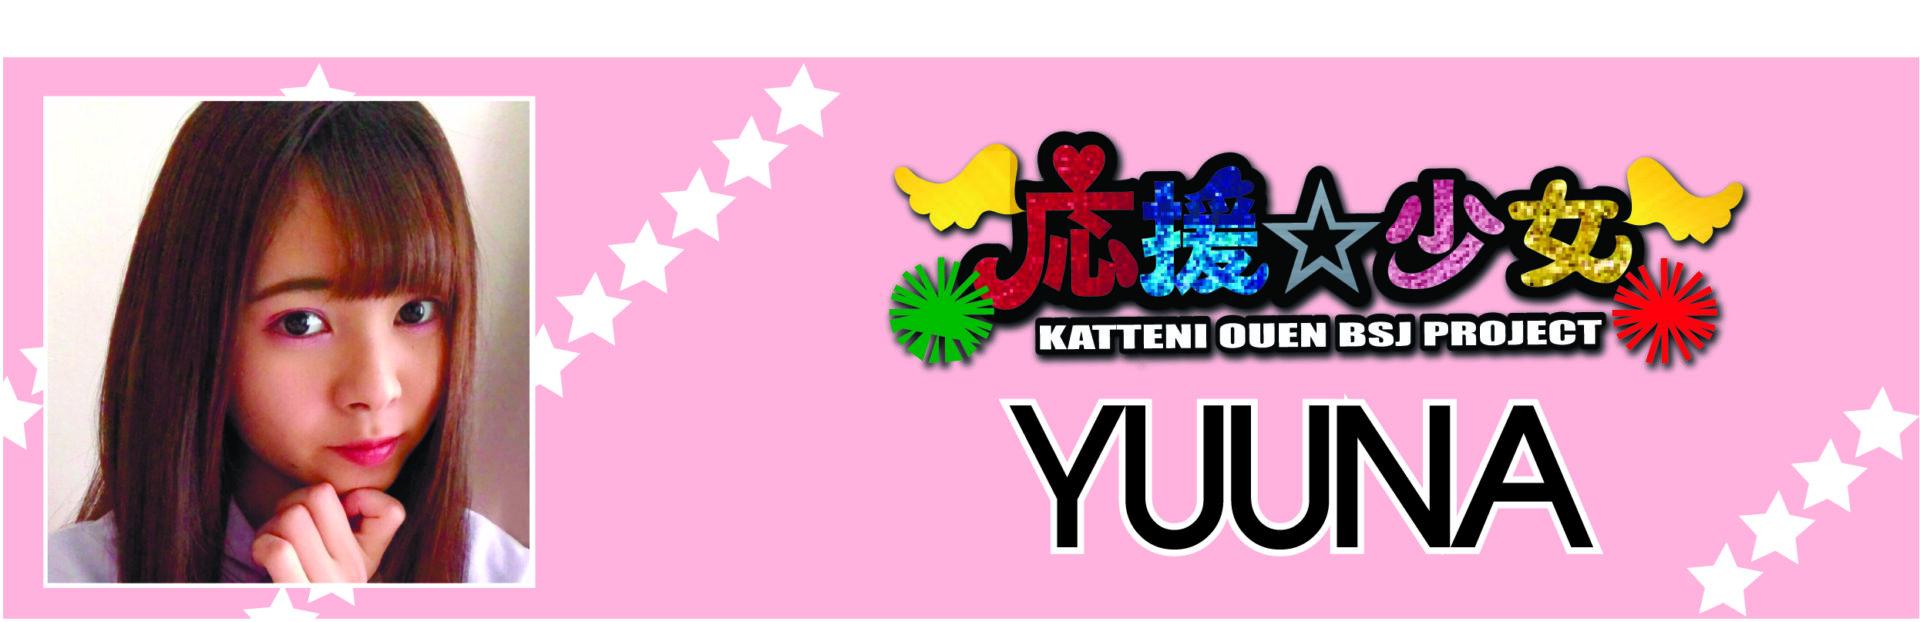 大須のアイドル応援少女、ゆうなhttps://bsj758.com/yuna/